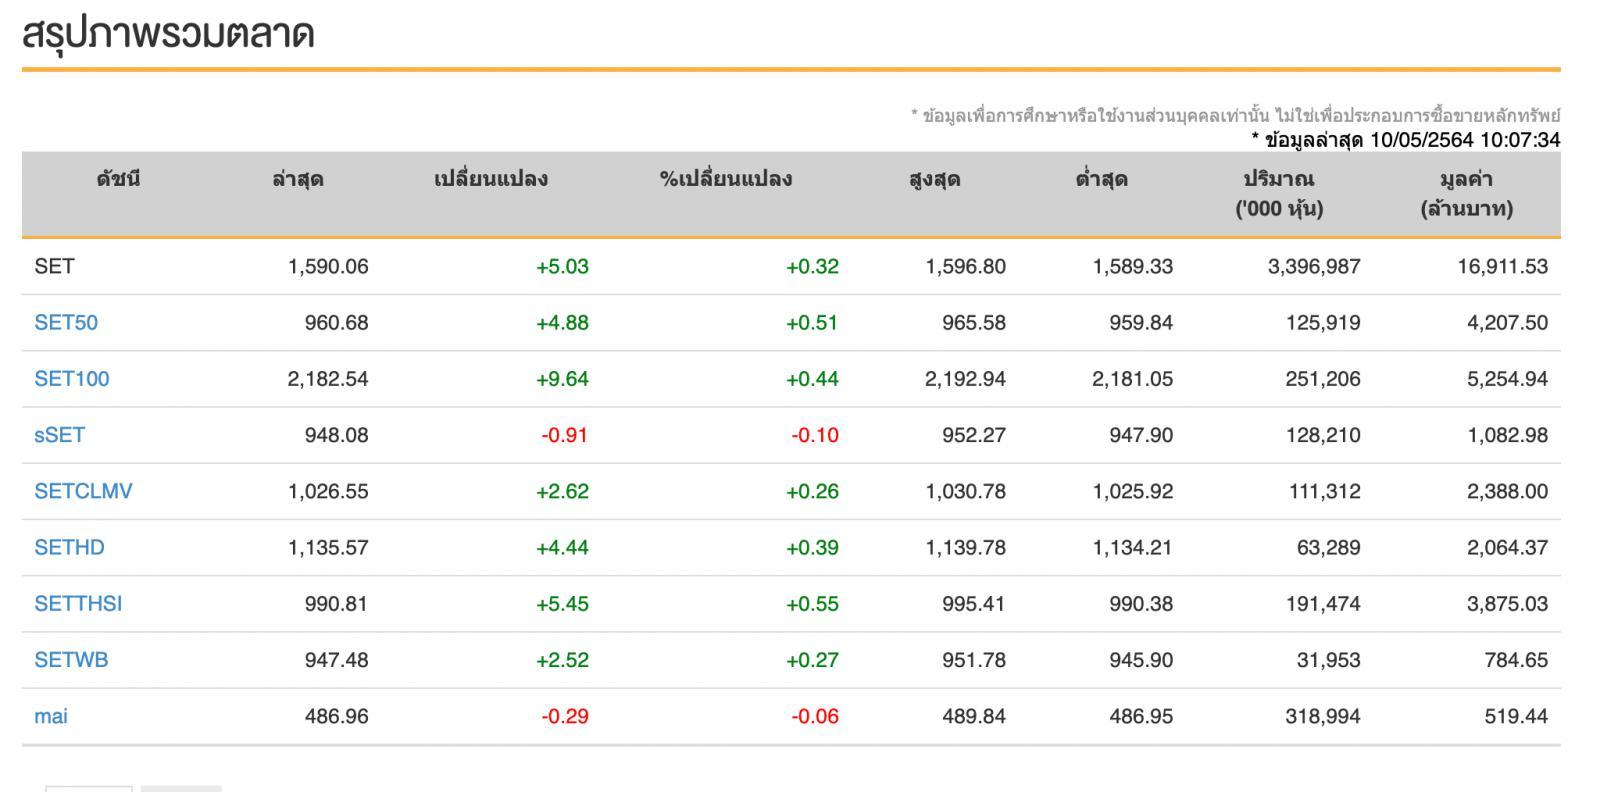 หุ้นไทย (10 พ.ค.64) ปิดการซื้อขายที่ 1,588.15 จุด เพิ่มขึ้น +3.12 จุด